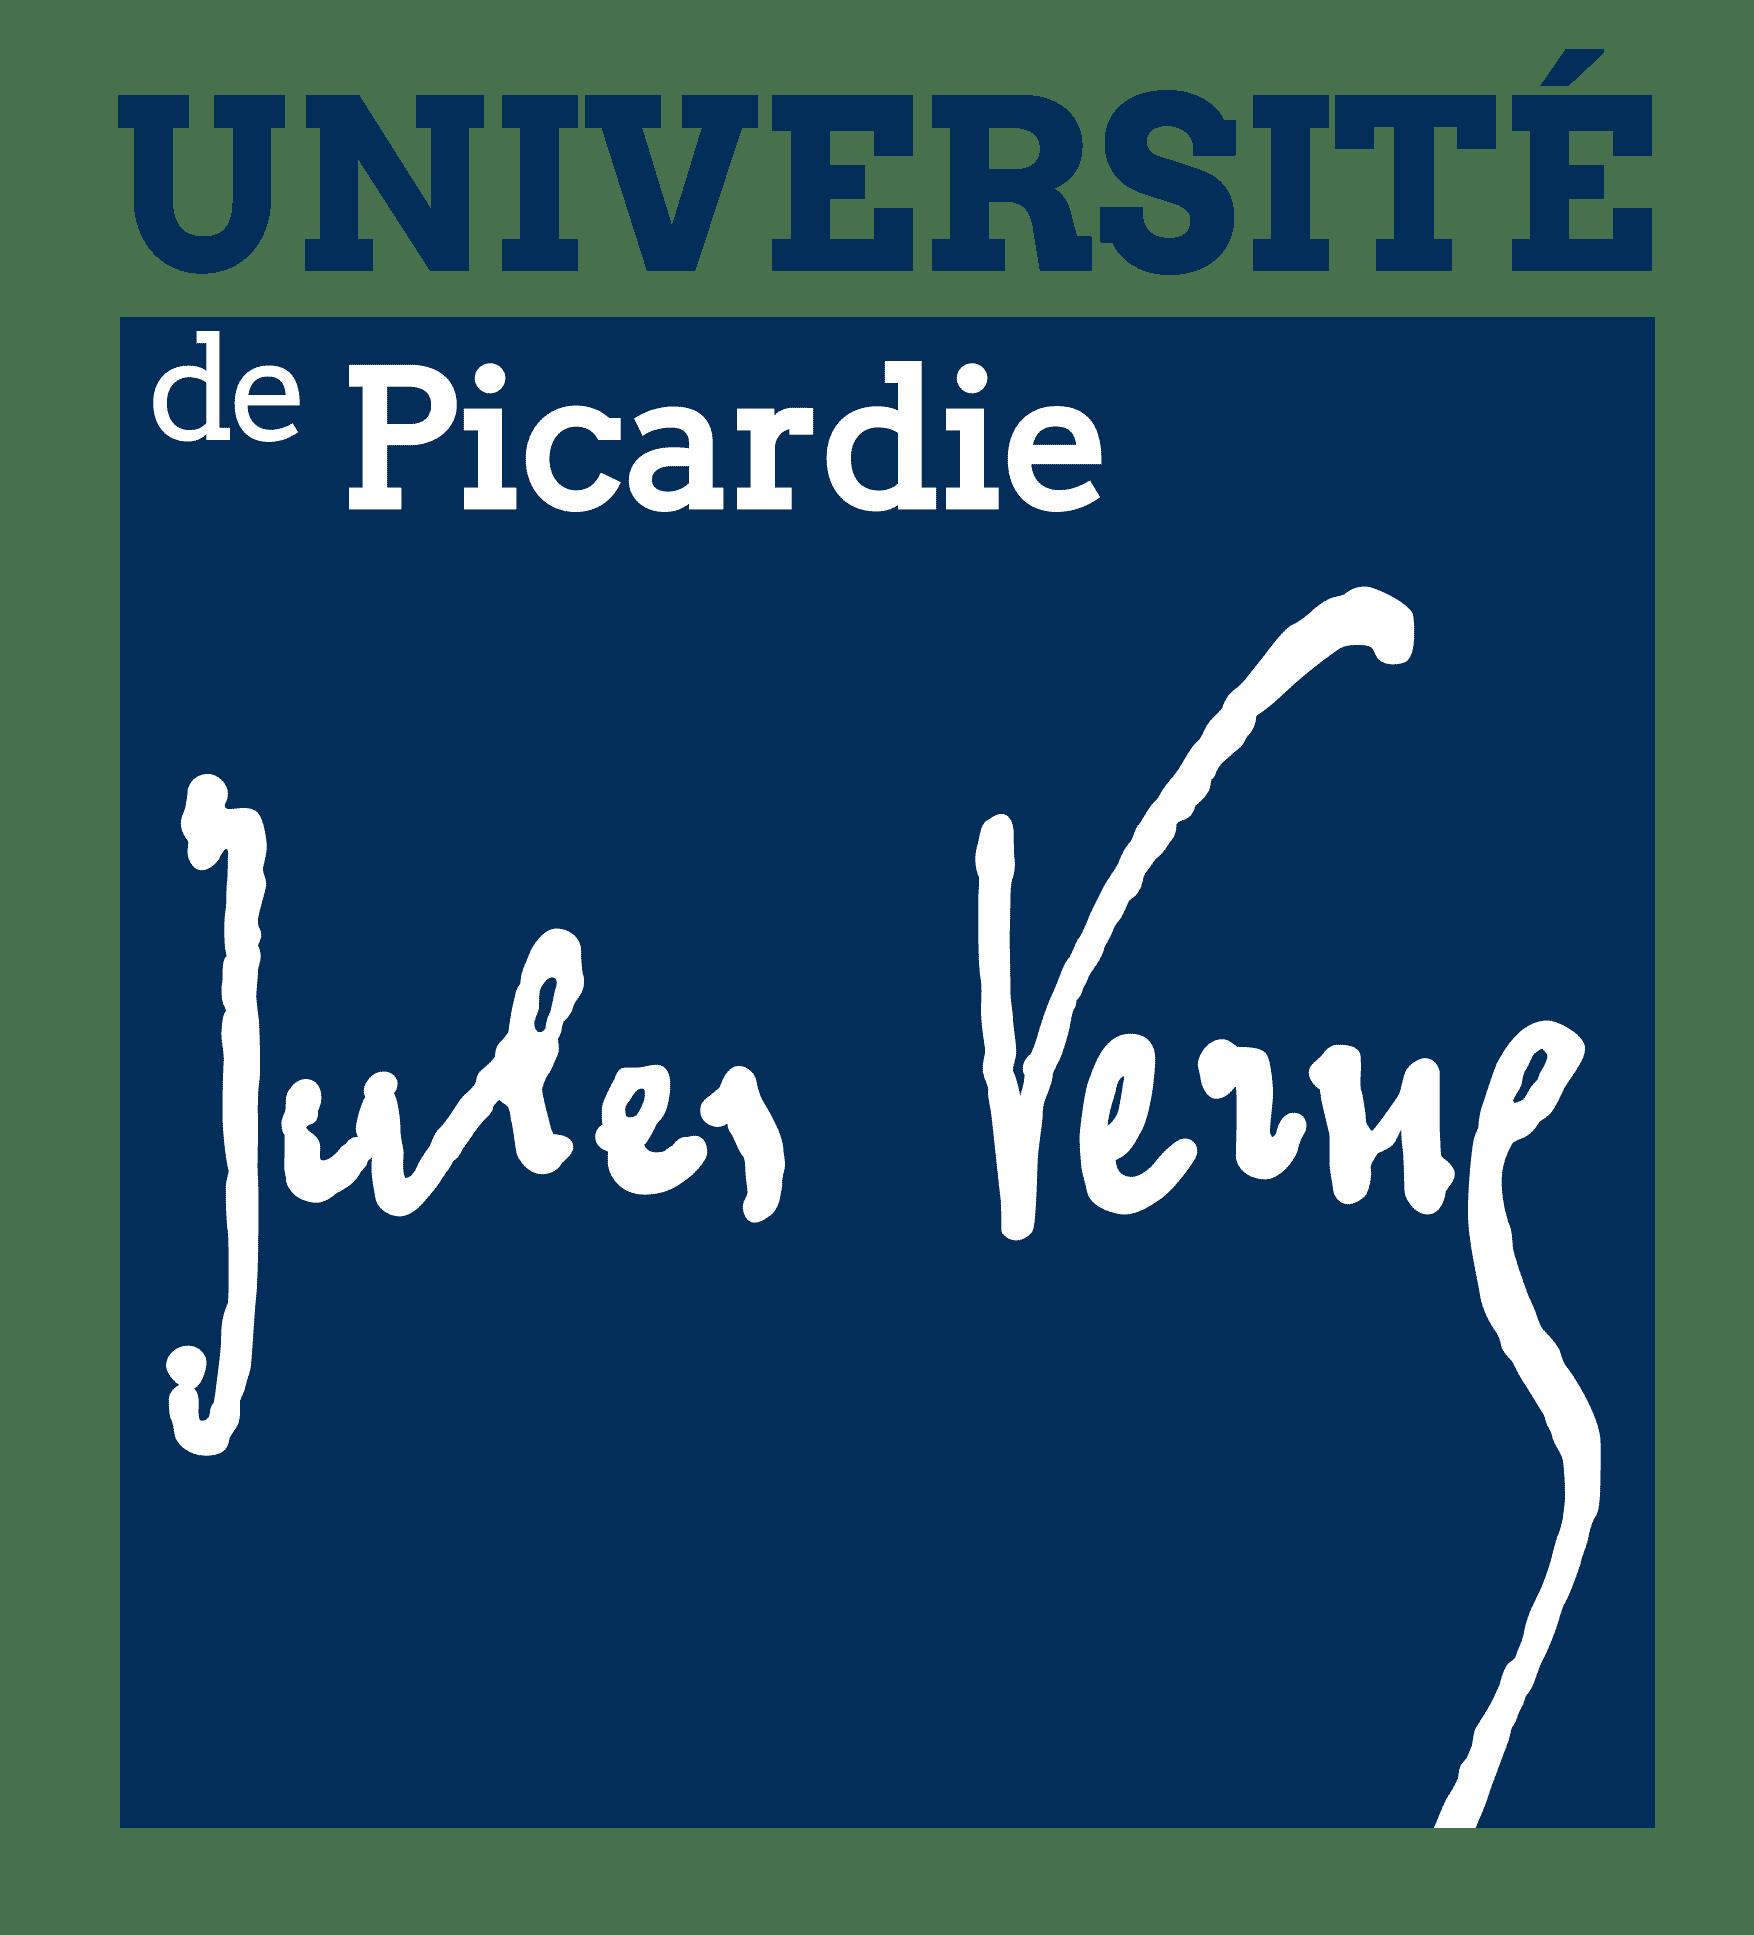 picardie logo